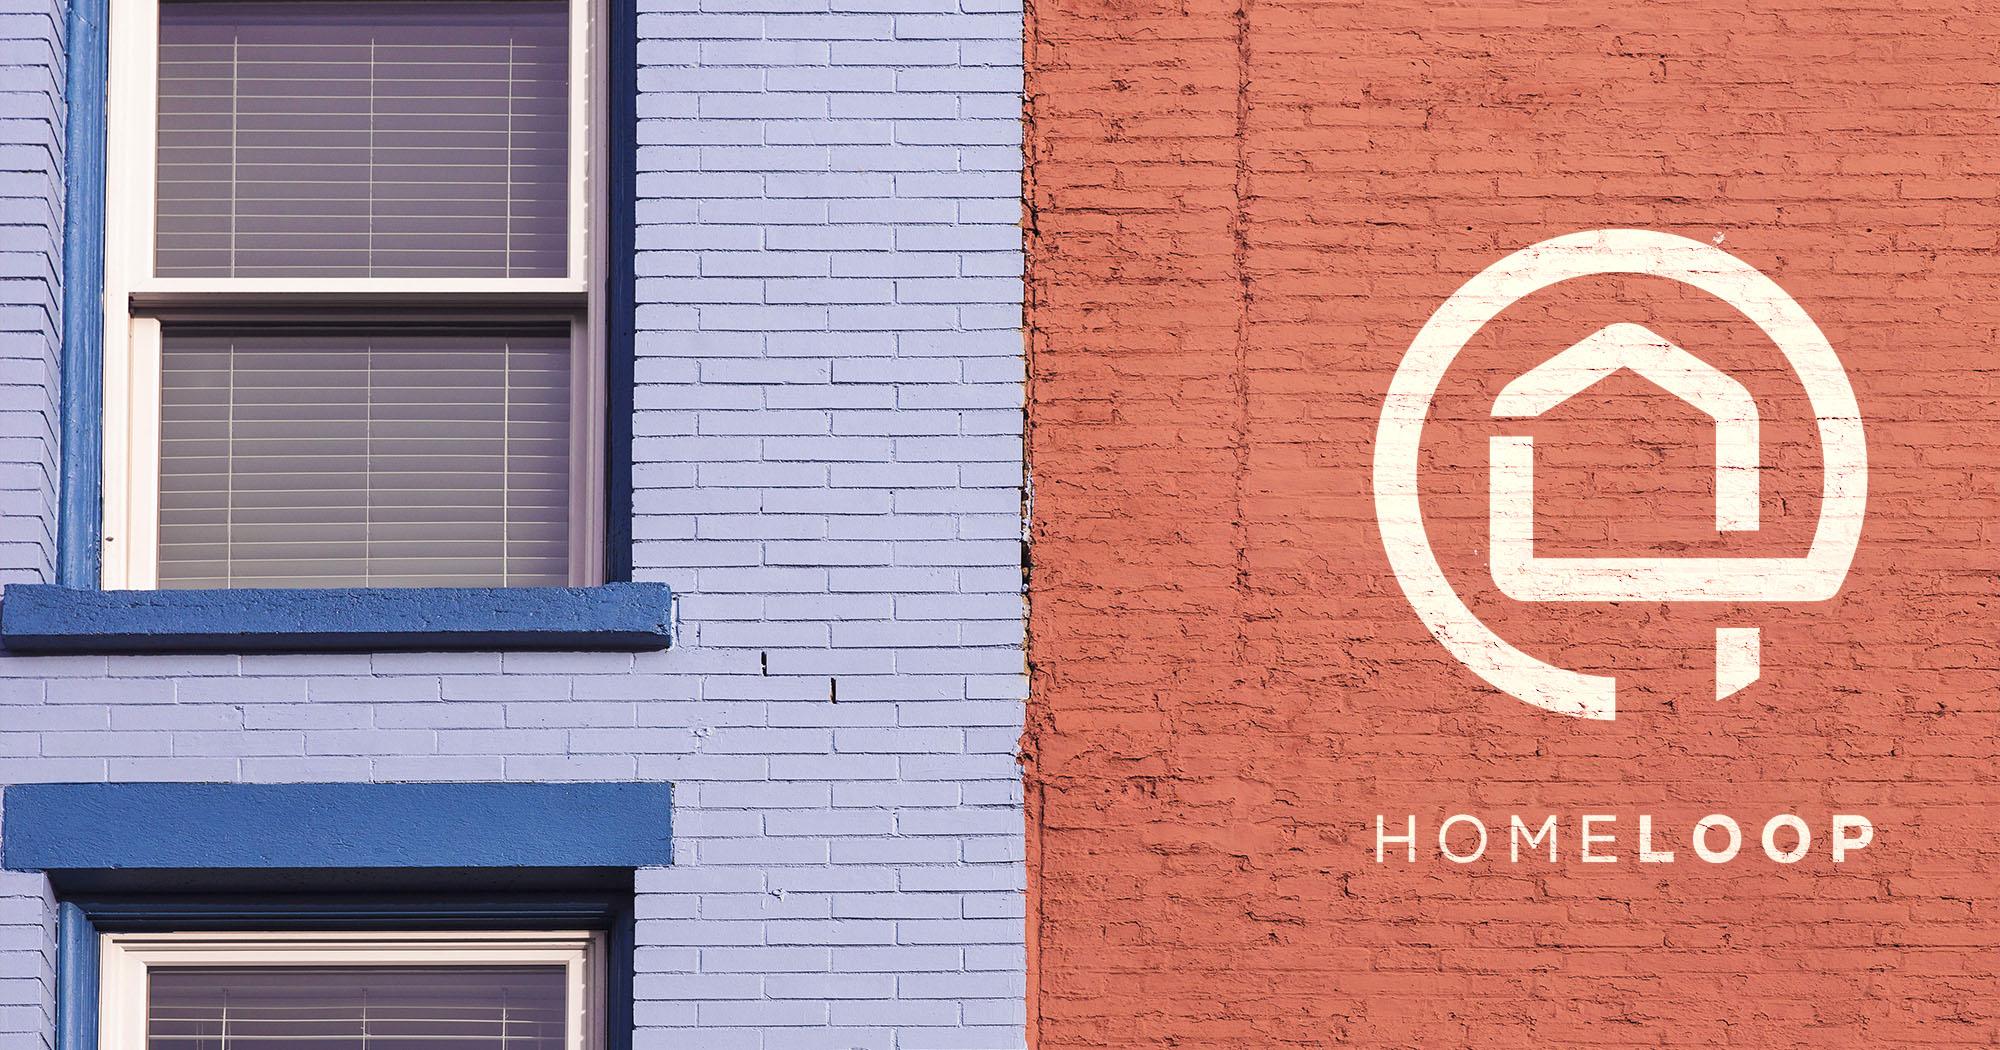 Homeloop Nous Achetons Votre Bien Immobilier